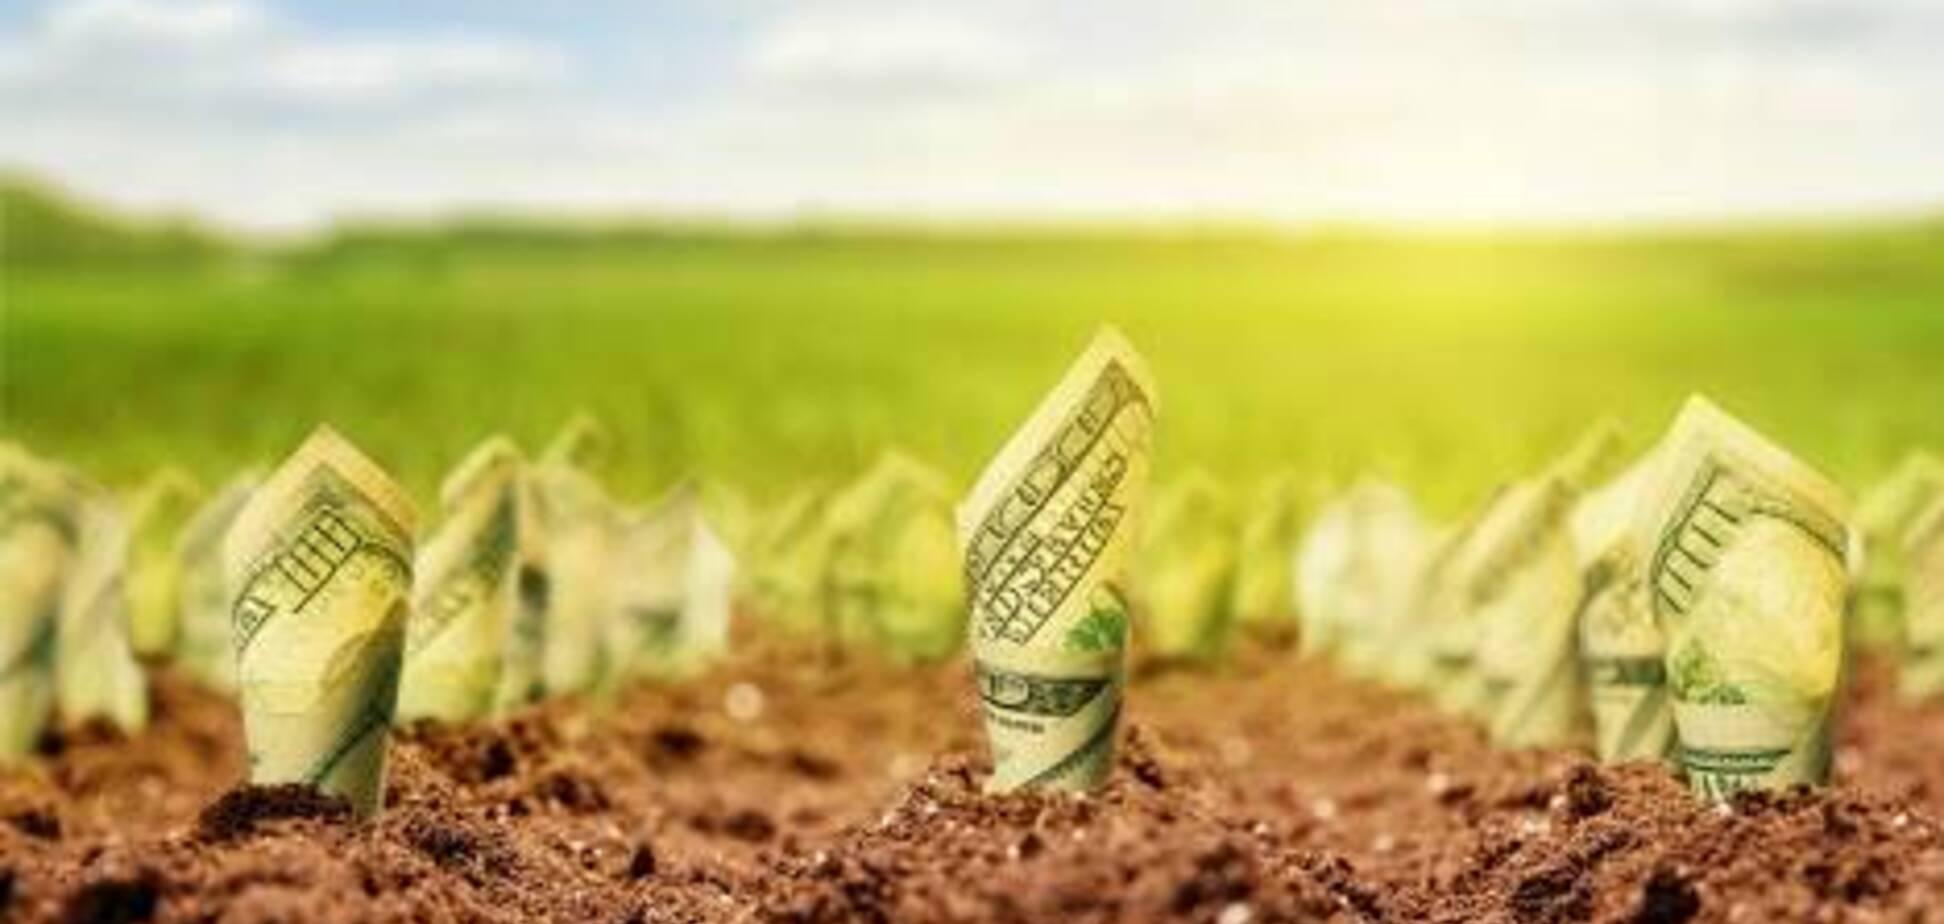 Україні необхідно врегулювати ситуацію зі ставками податку на землю, – адвокат